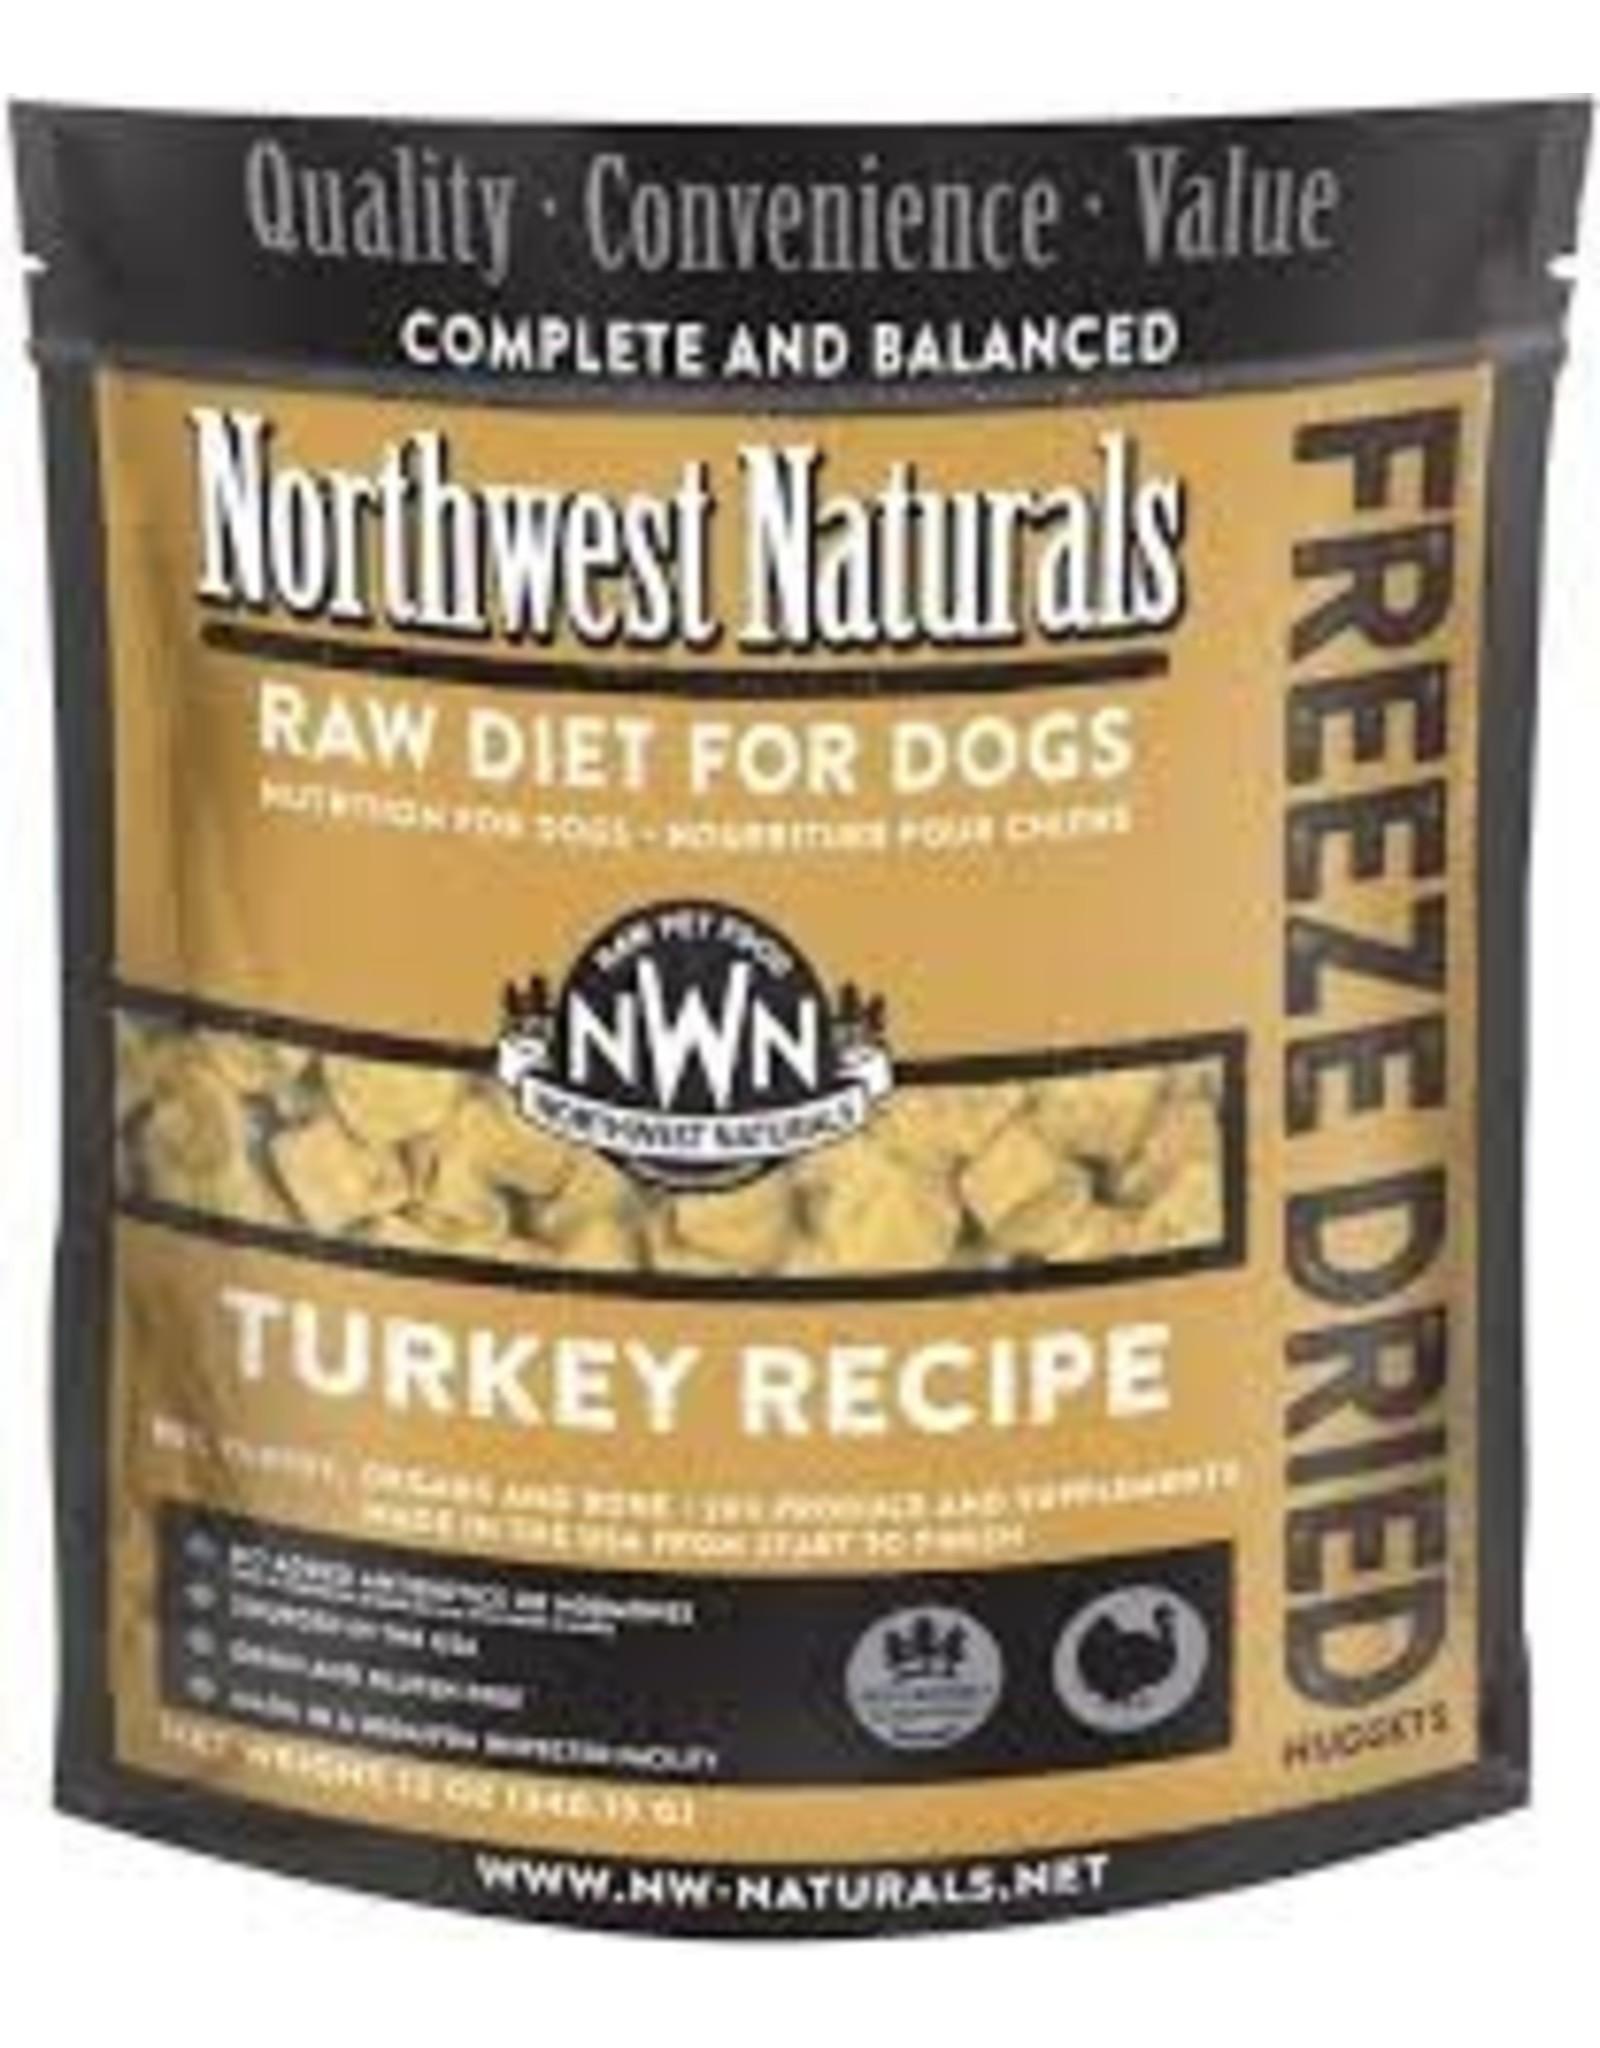 Northwest Naturals Northwest Naturals Raw Diet for Dogs Freeze Dried Nuggets Turkey Recipe 12oz